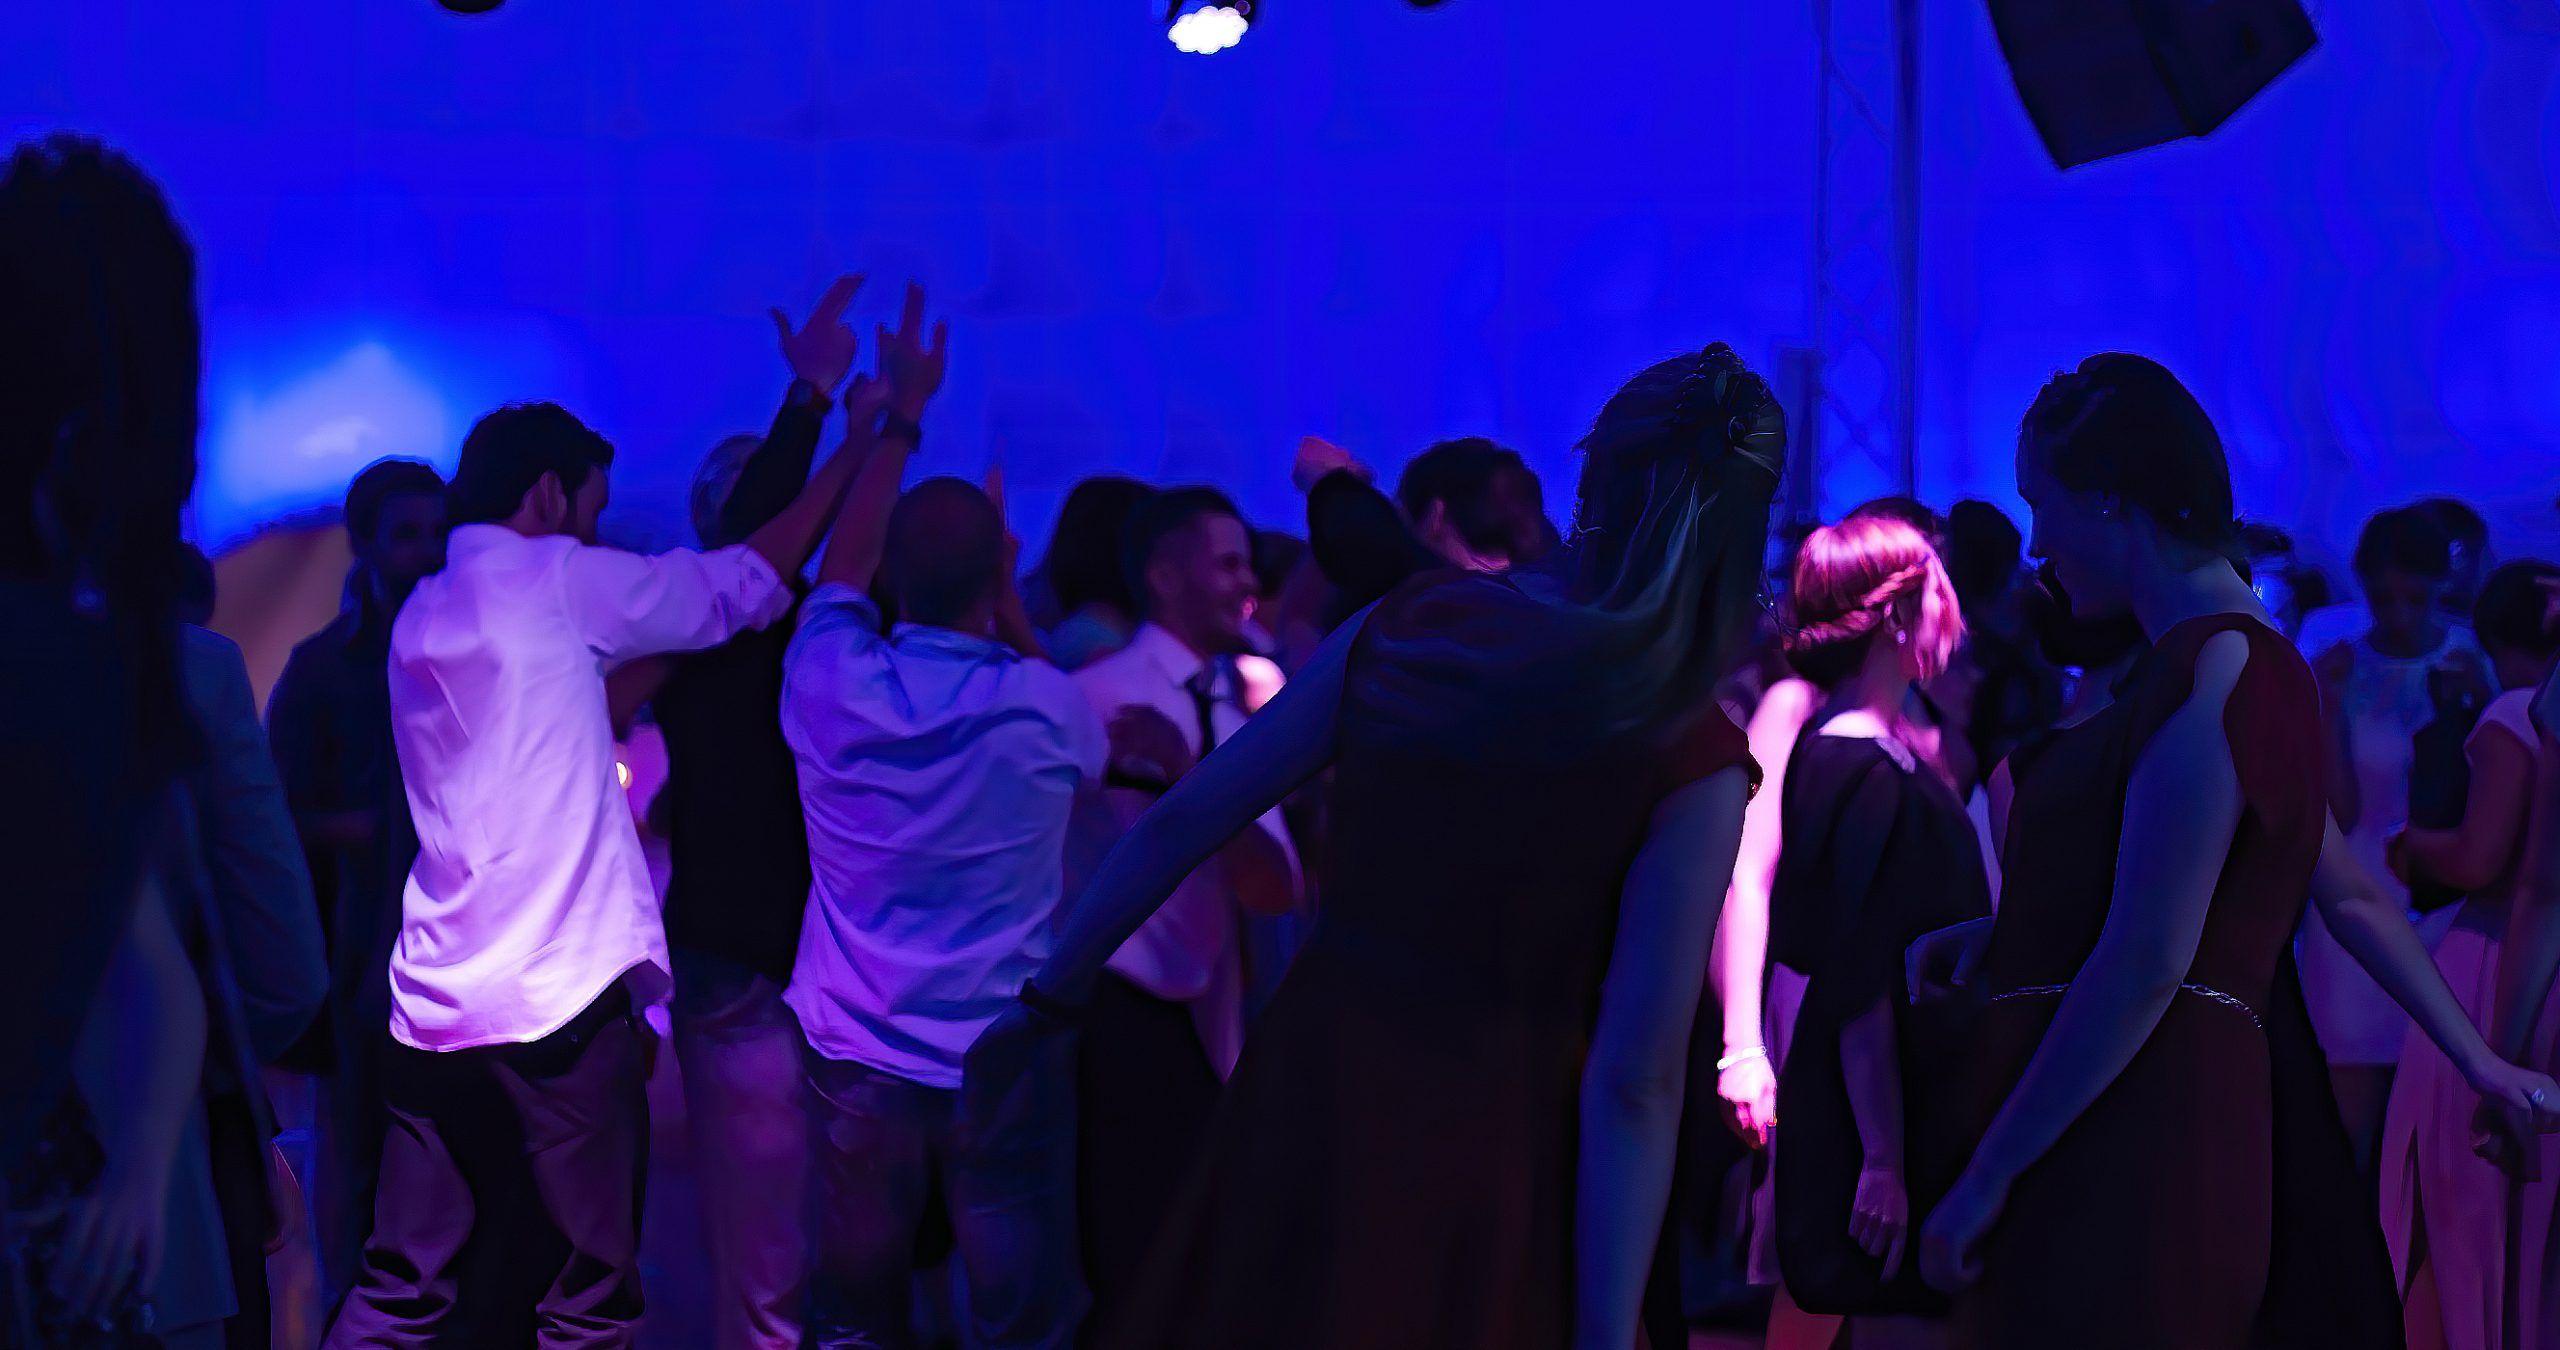 Agence Événementielle Toulouse Soiree de gala étudiant Onlyevent 5 1 scaled